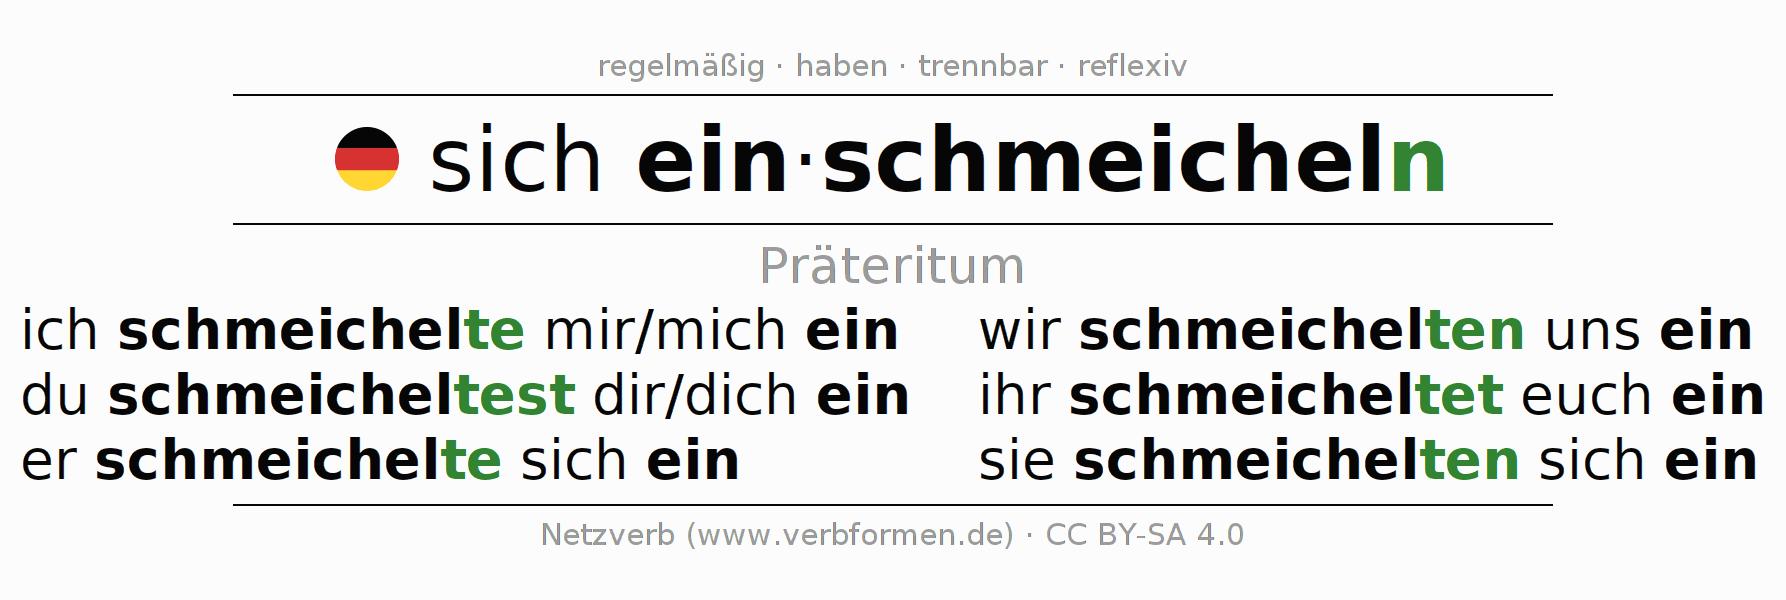 Beste Sich Einschmeicheln Galerie - Framing Malvorlagen ...